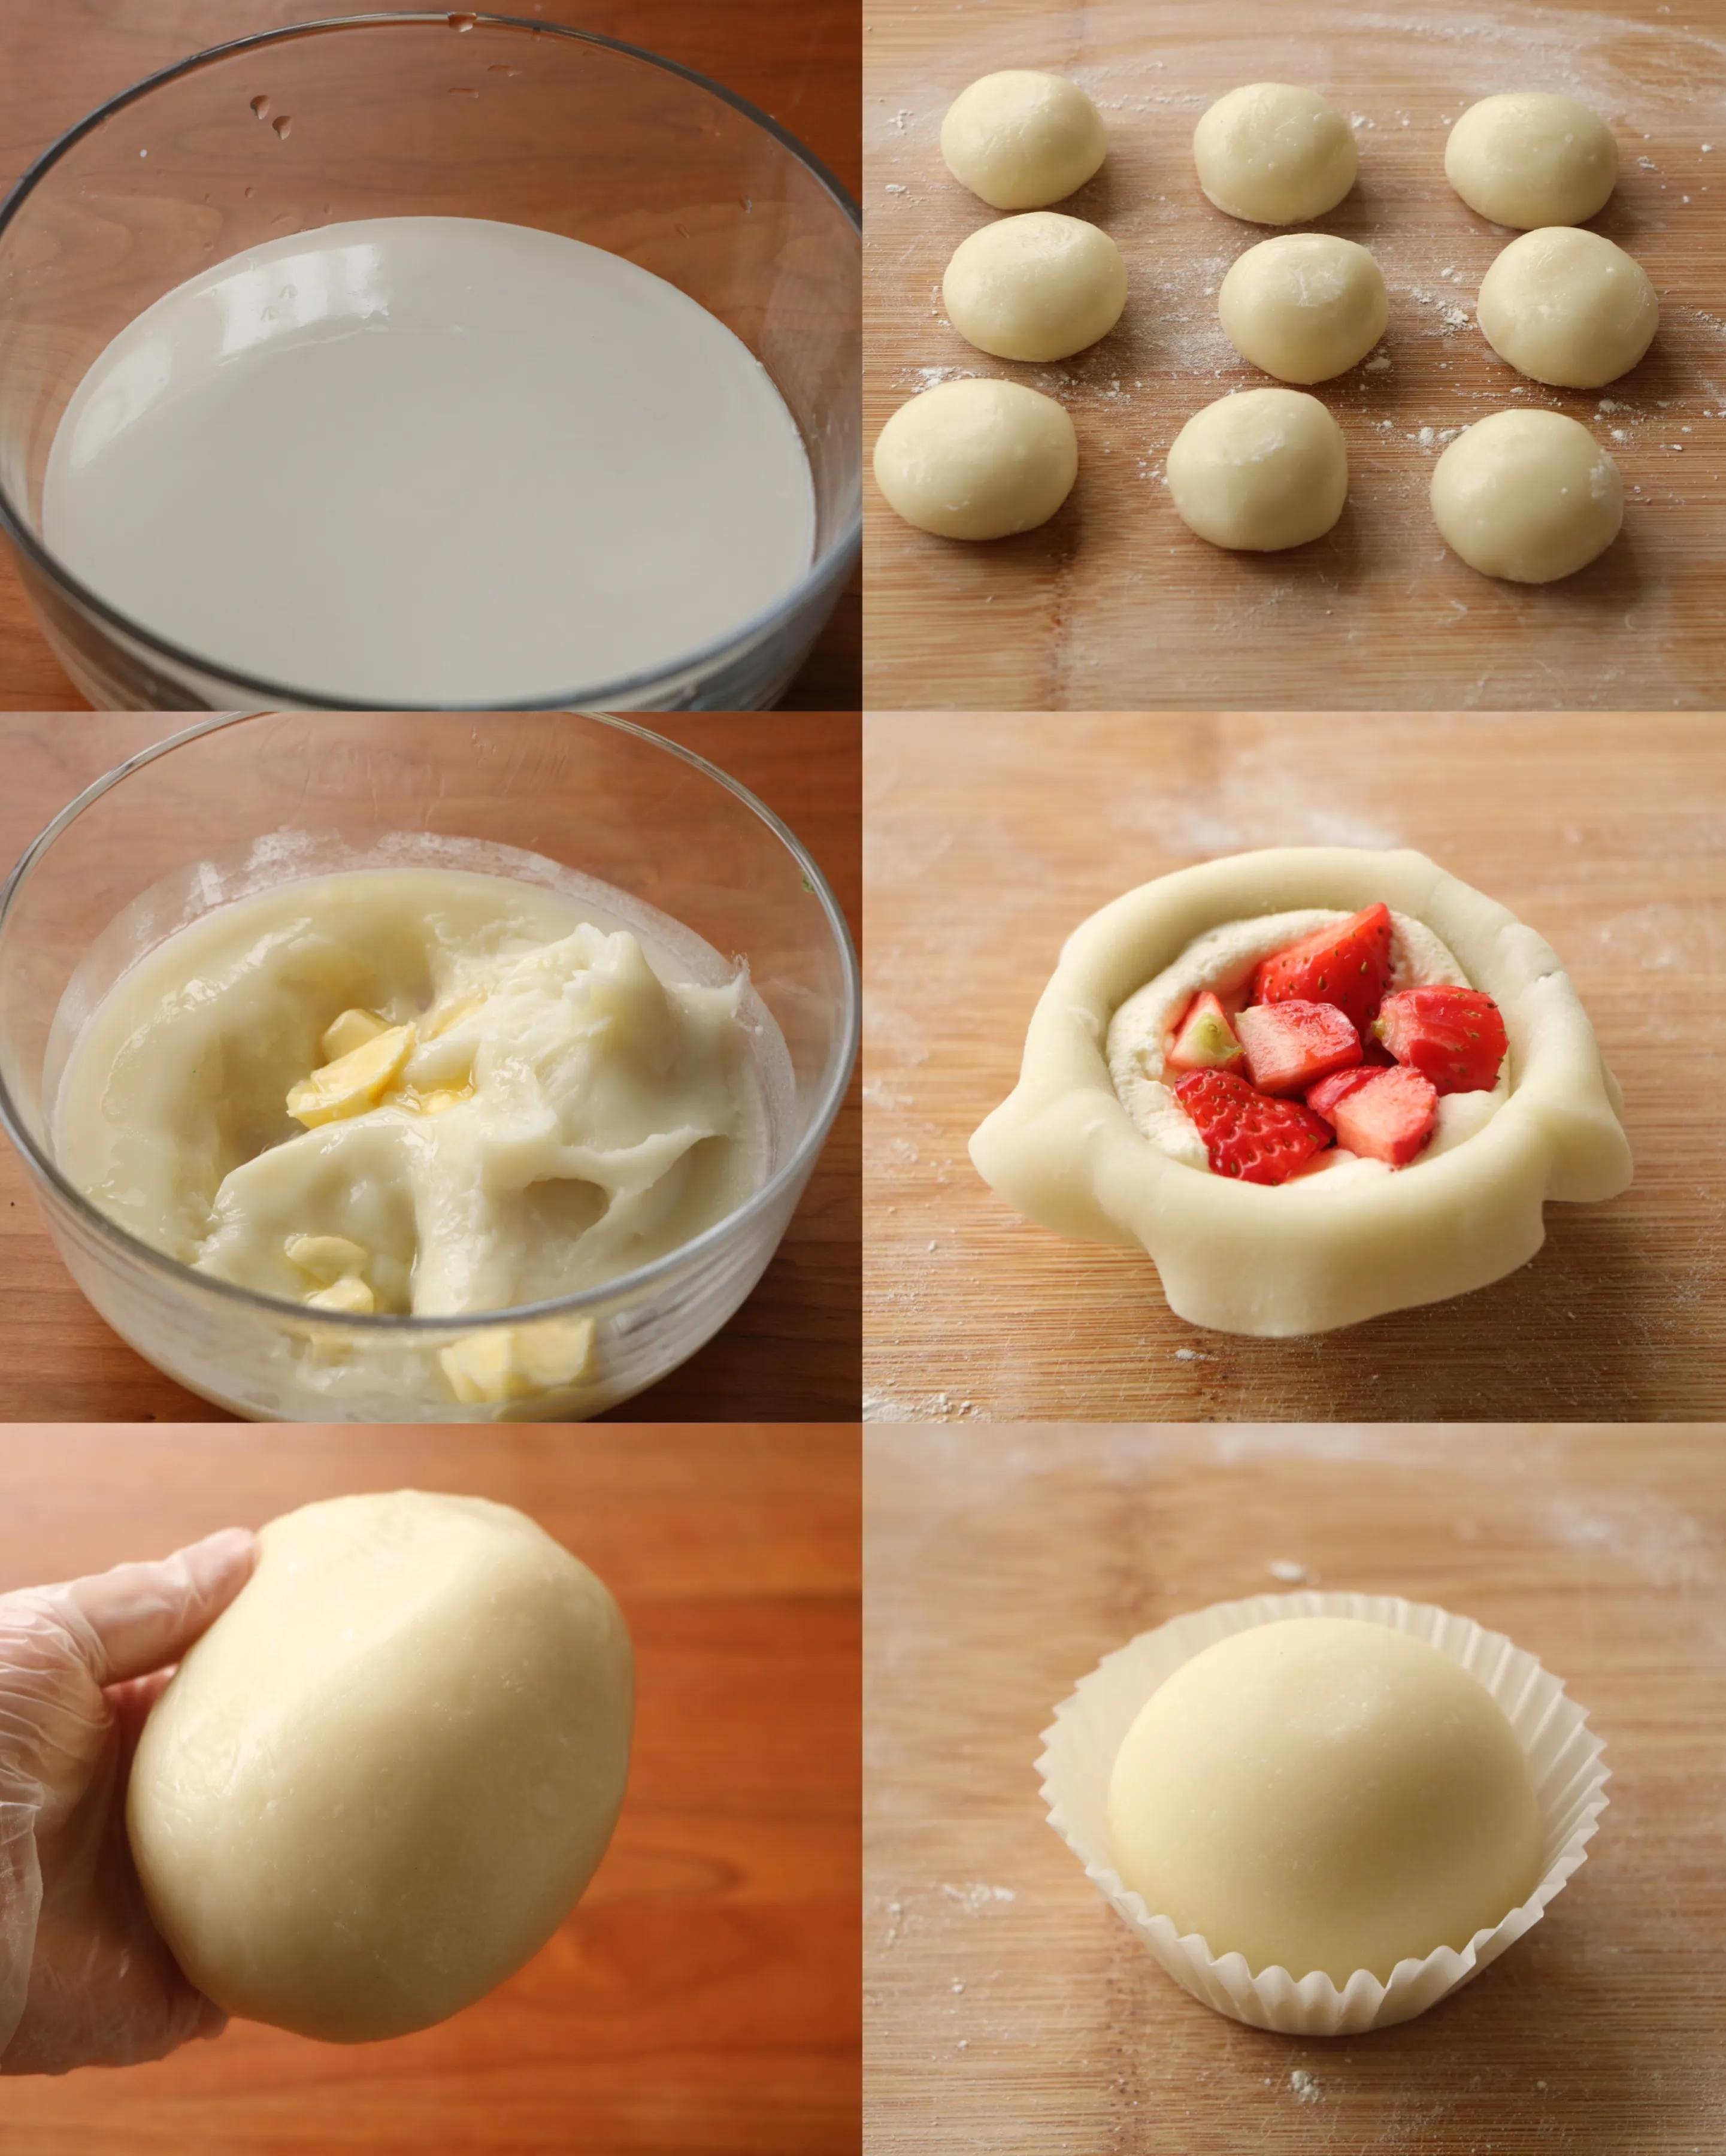 立夏了,這5道經典的甜品學起來,不用烤箱,冰涼爽口,特解暑